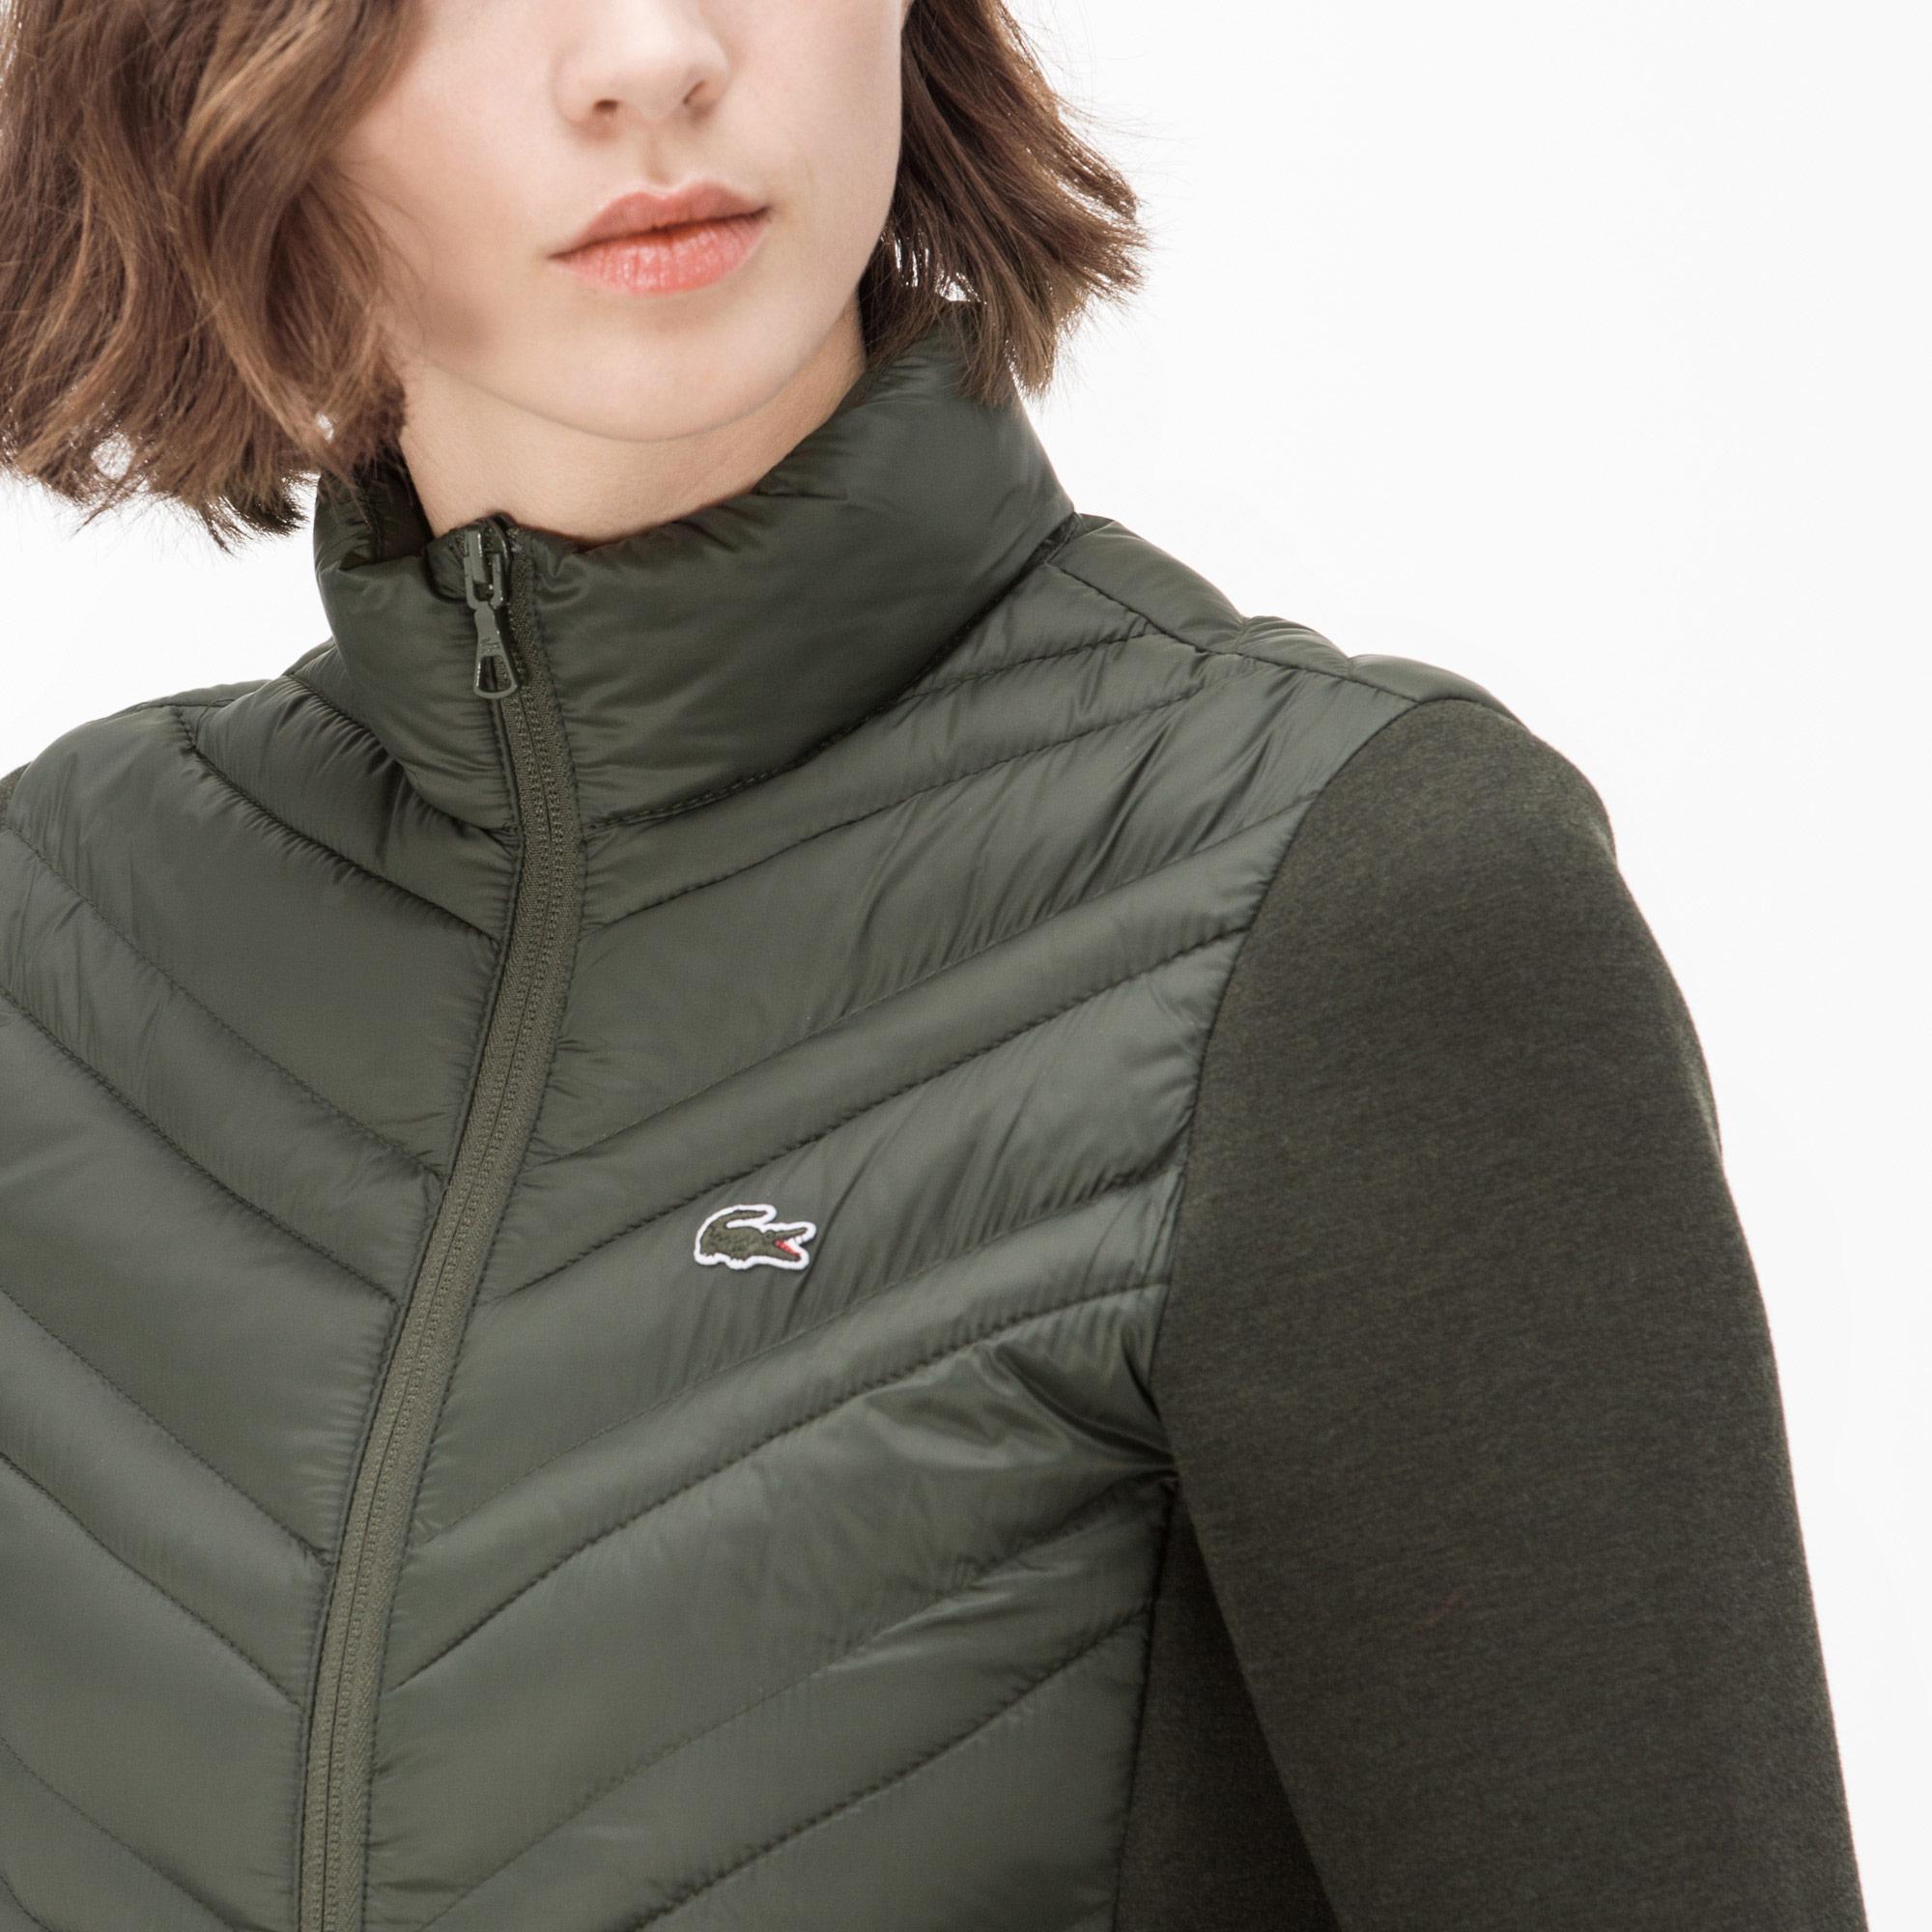 Lacoste Kadın Yeşil Kapitone Detaylı Fermuarlı Polar Sweatshirt